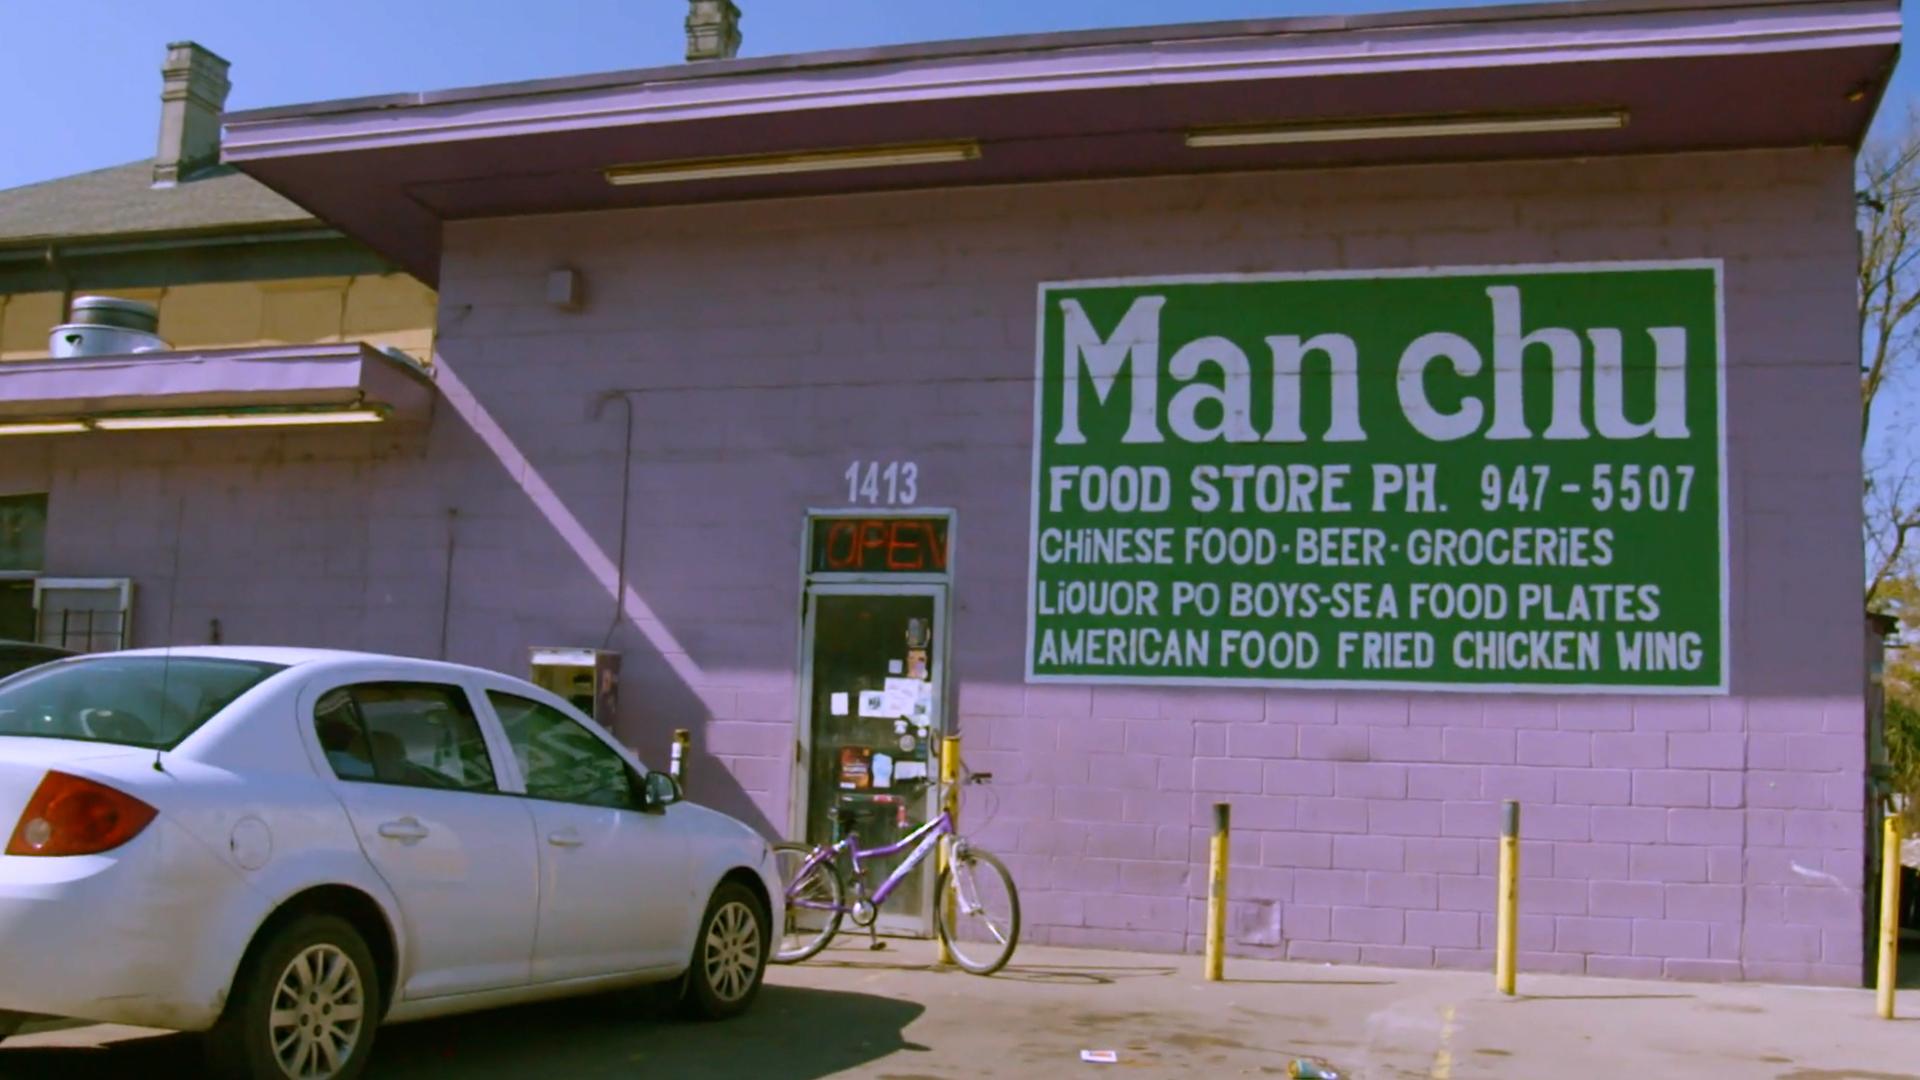 Manchu Food Store